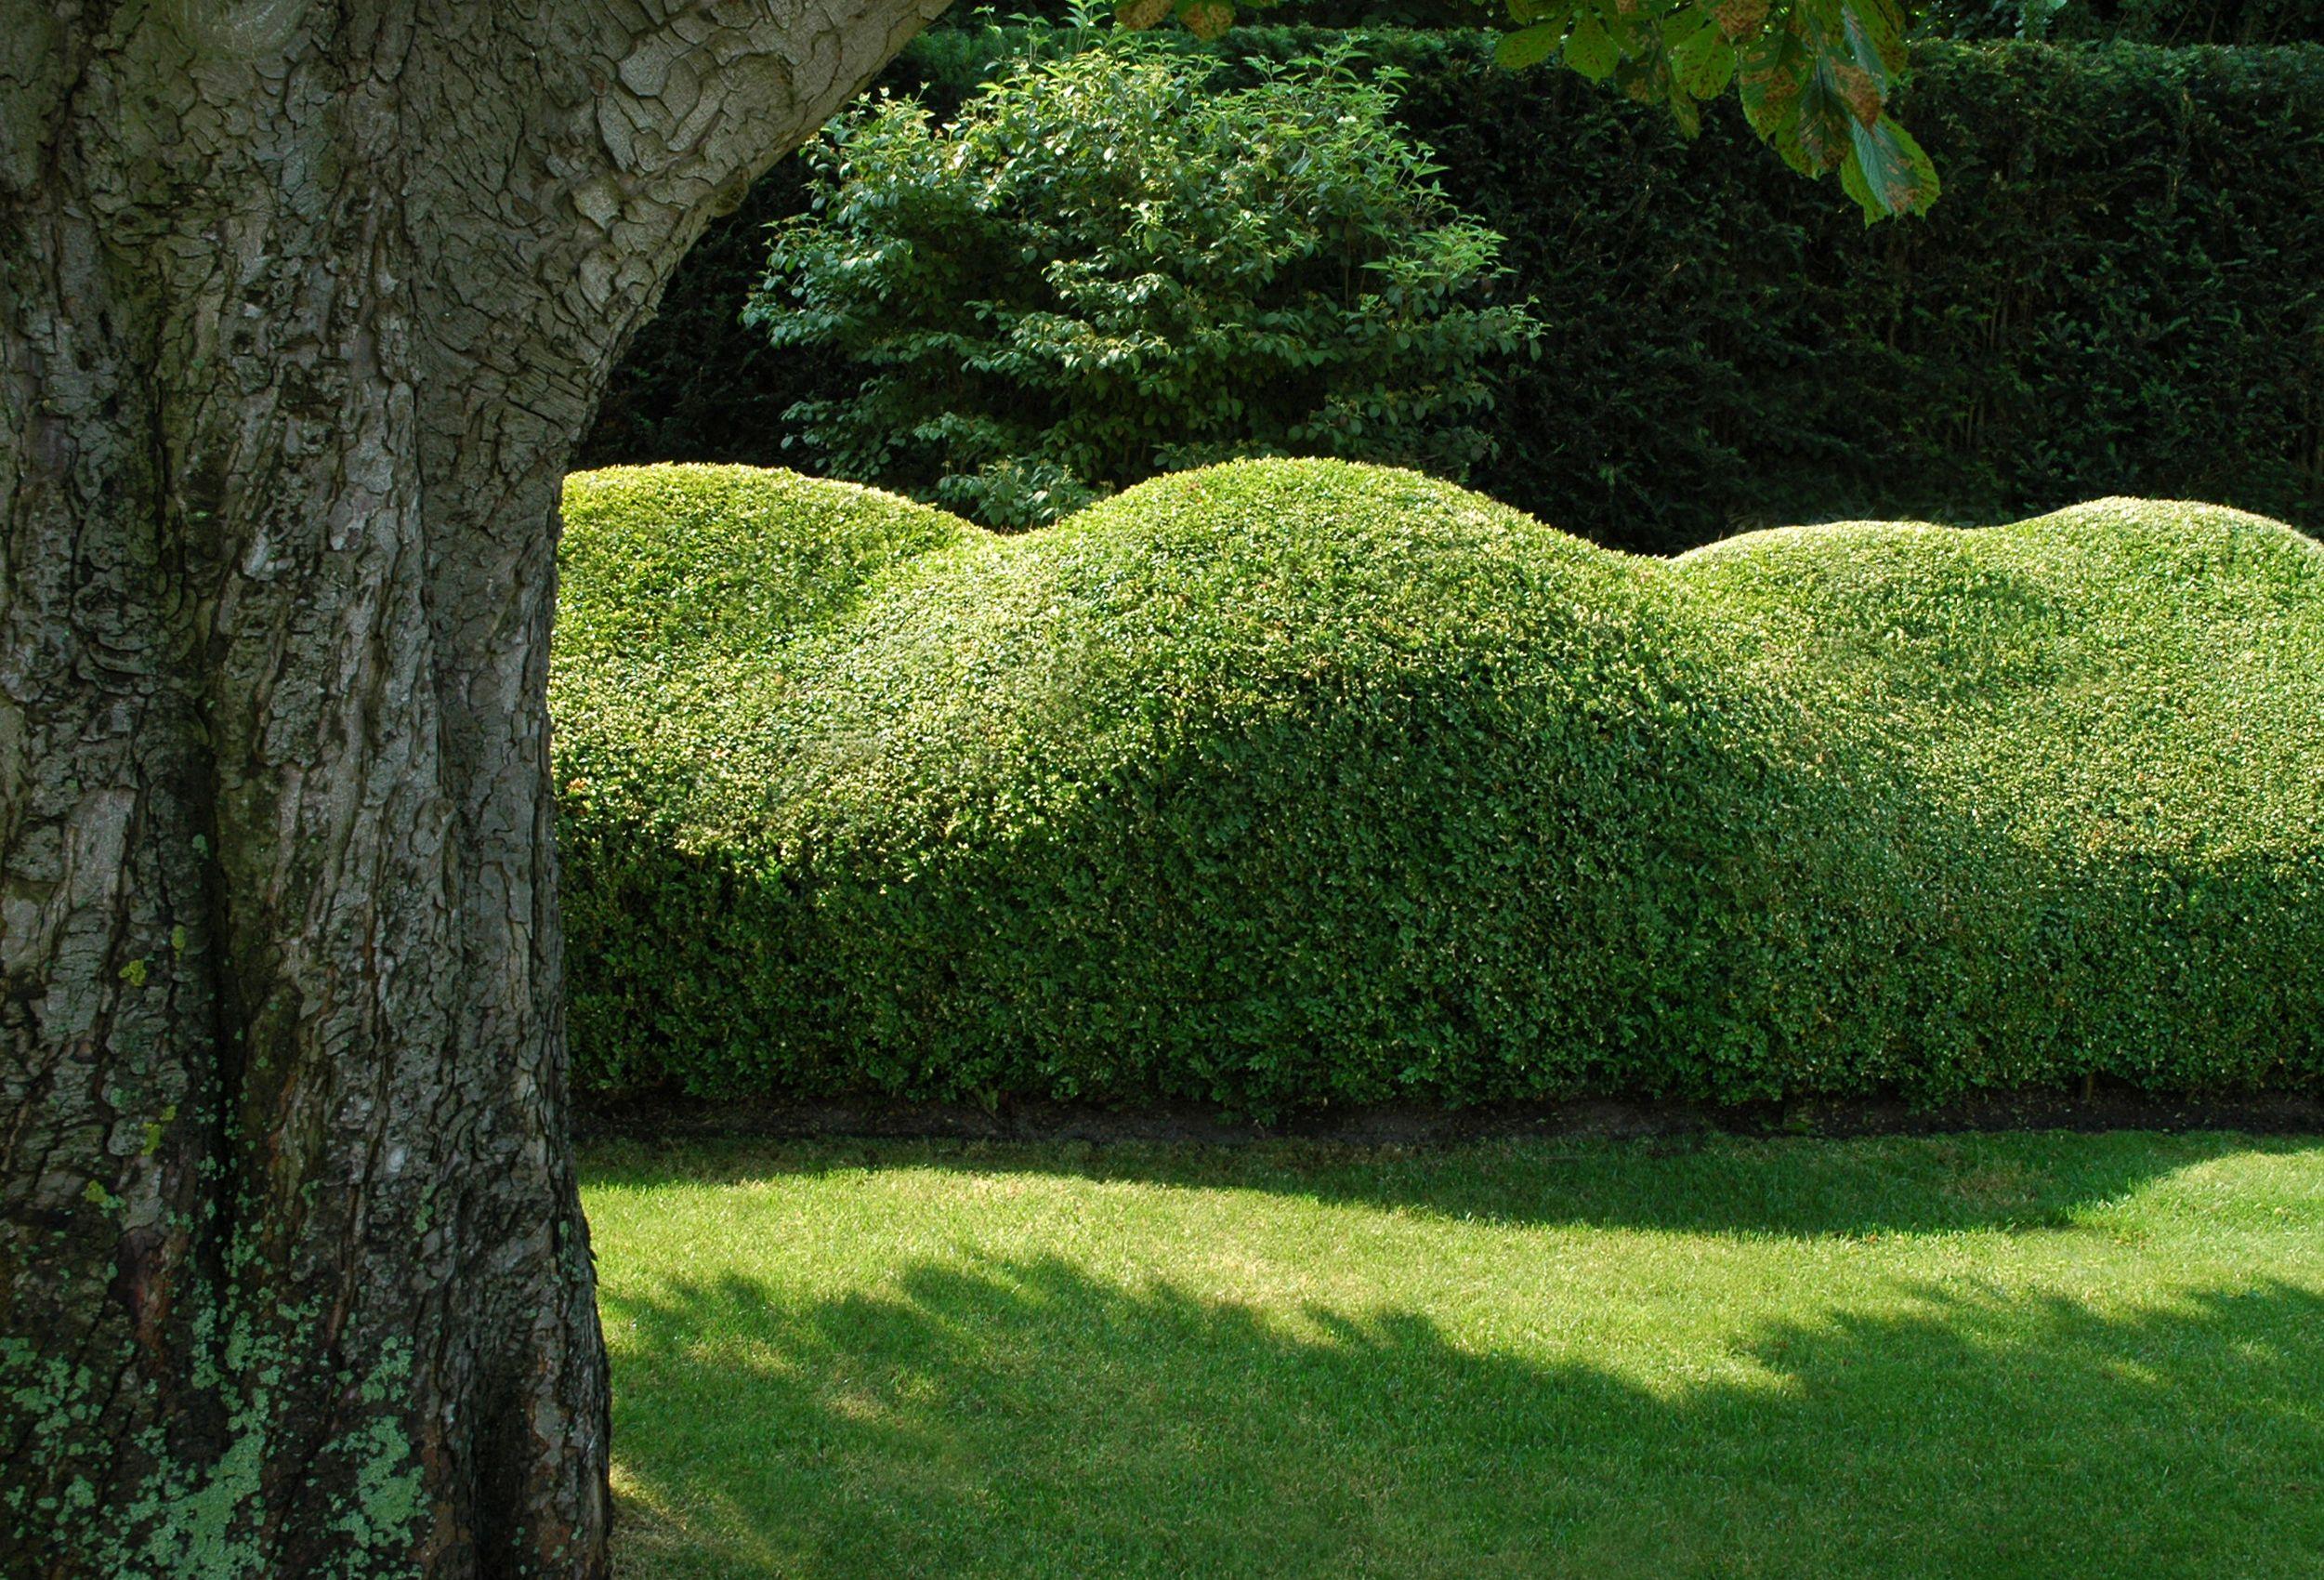 36d80d492910ee64c2c6c7d80c1f7515 Unique De Amenagement Jardin Paysager Des Idées